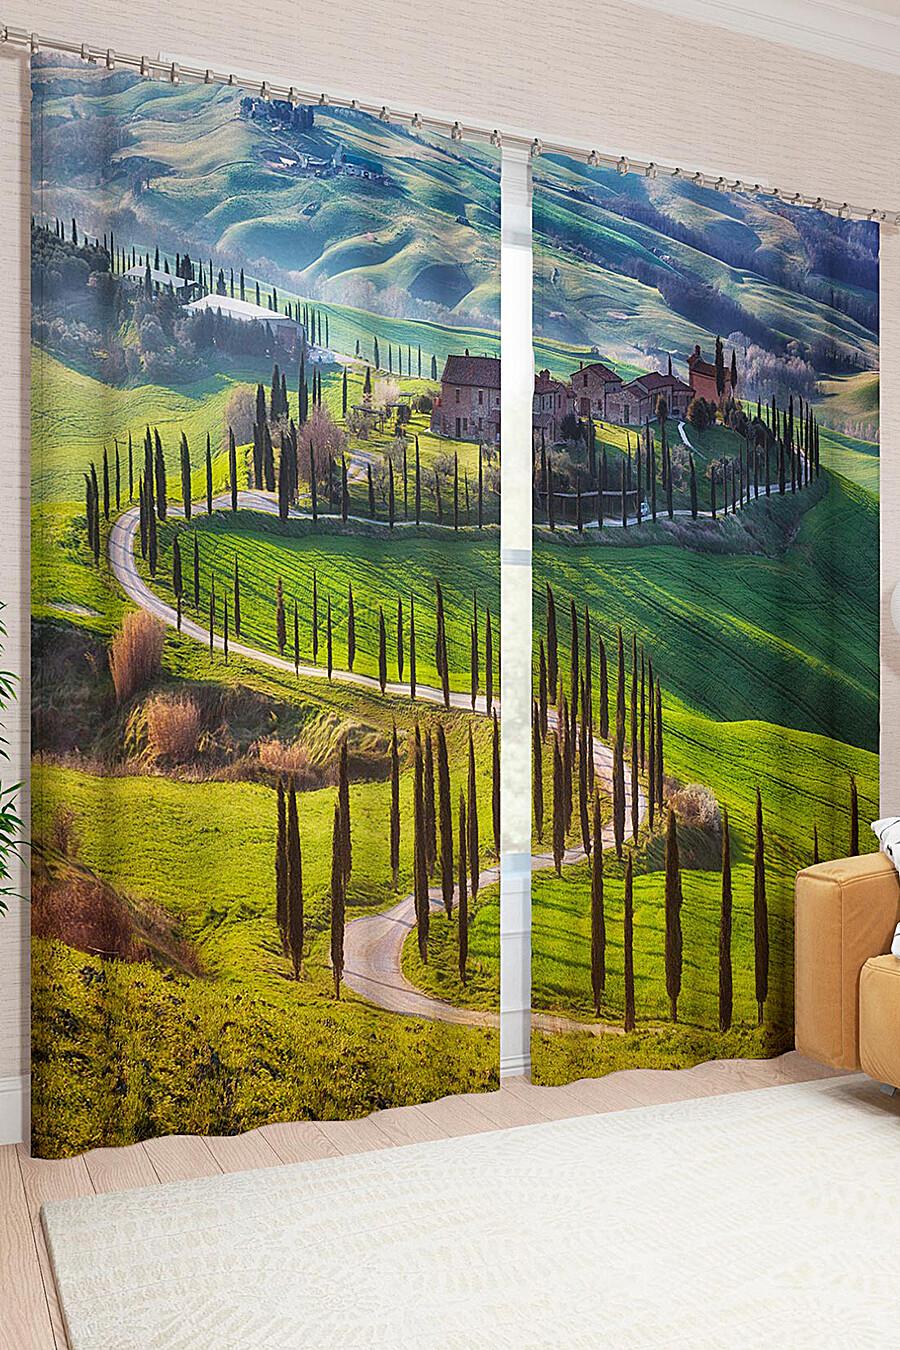 Фотошторы для дома ART HOME TEXTILE 123488 купить оптом от производителя. Совместная покупка товаров для дома в OptMoyo